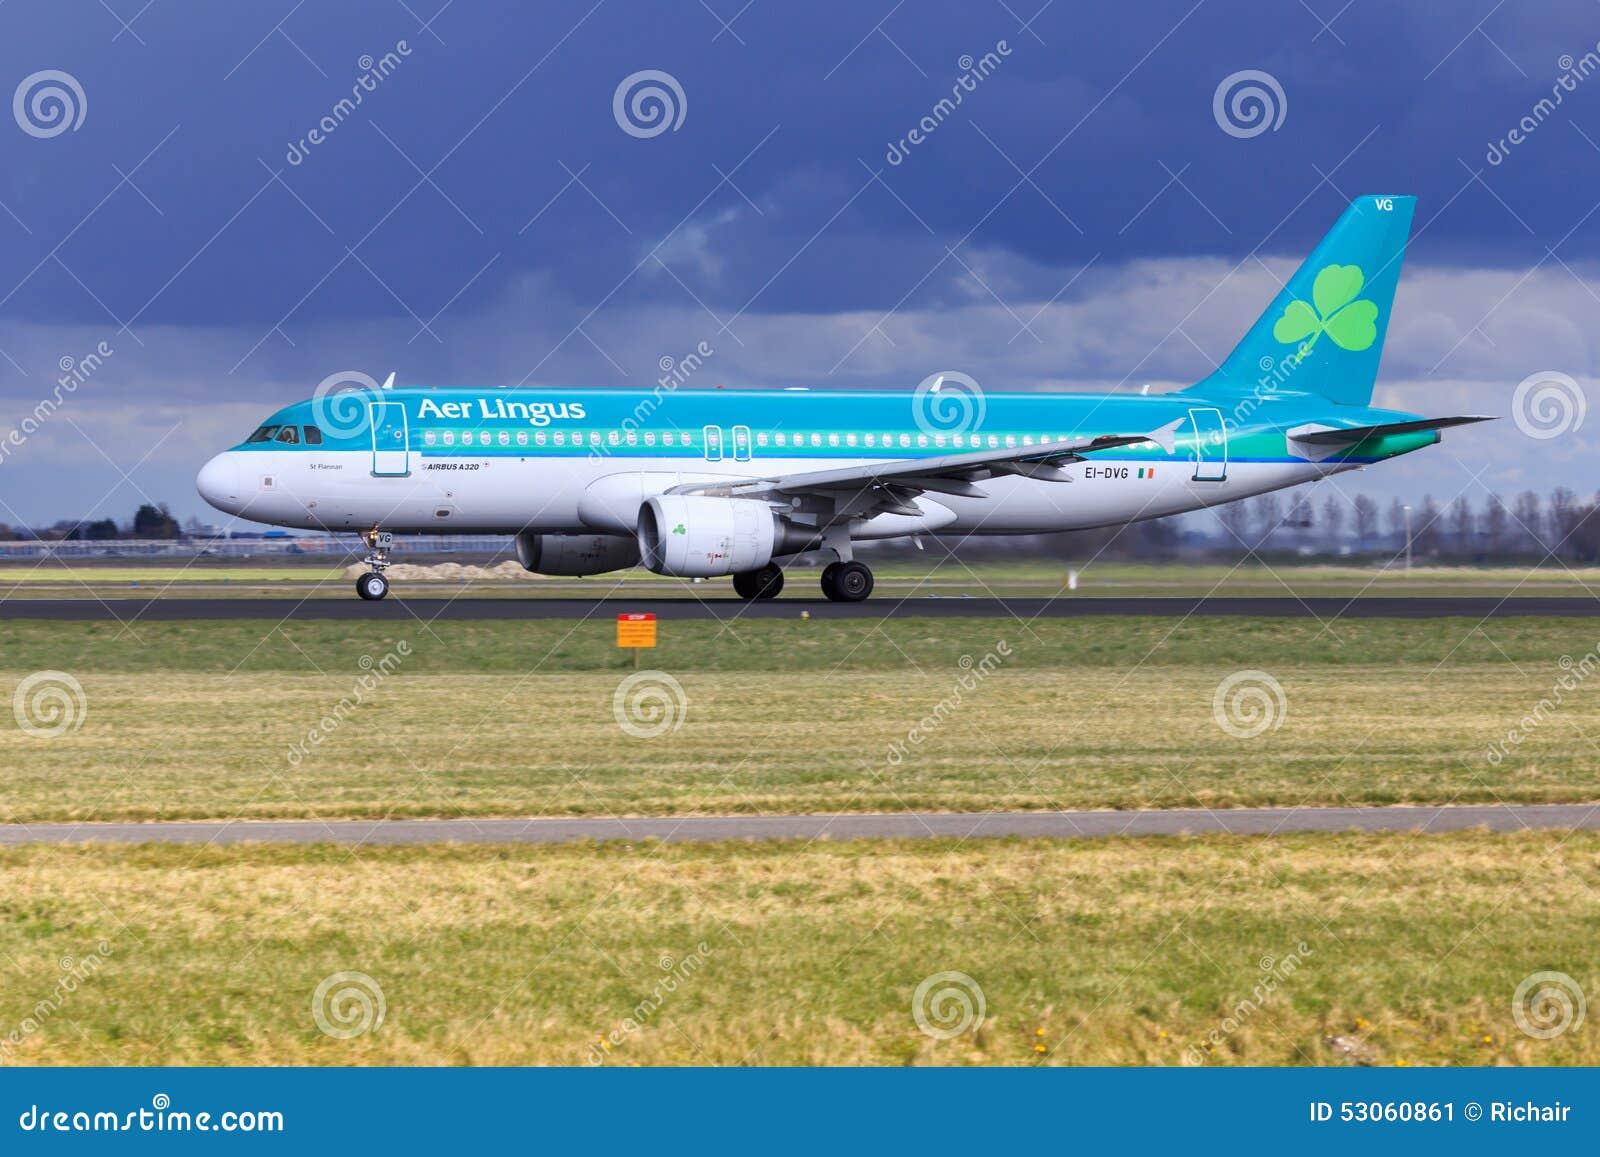 Air Lingus Airbus A320